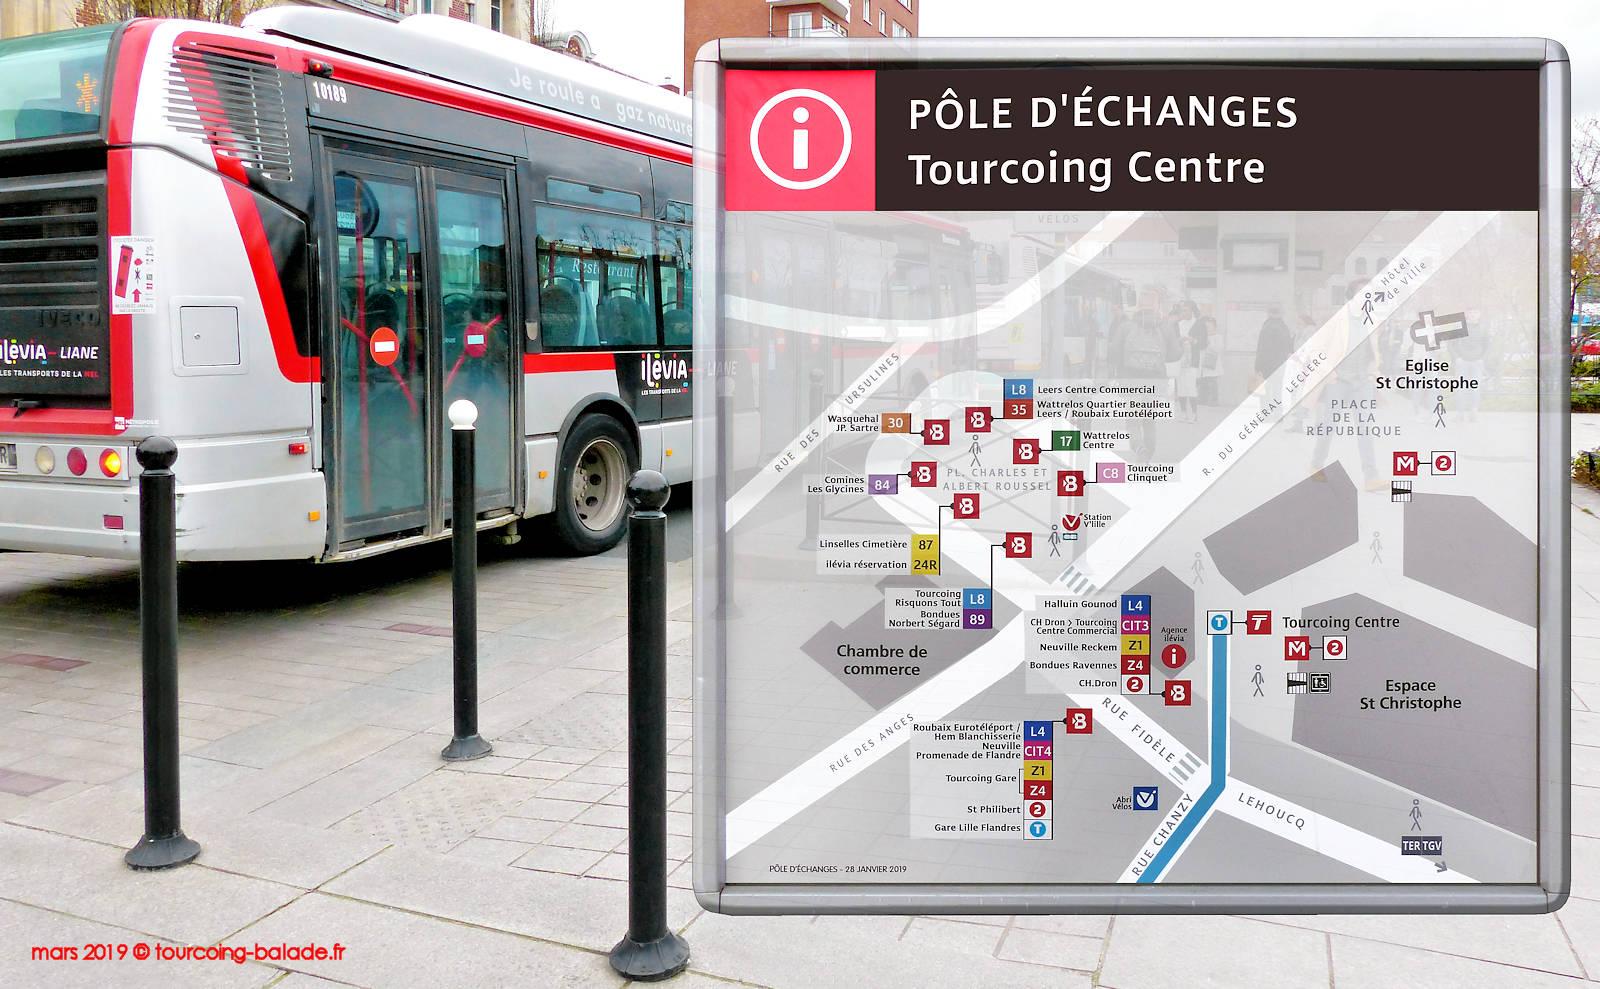 Tourcoing Pôle d'échange Transports - Place Roussel 2019